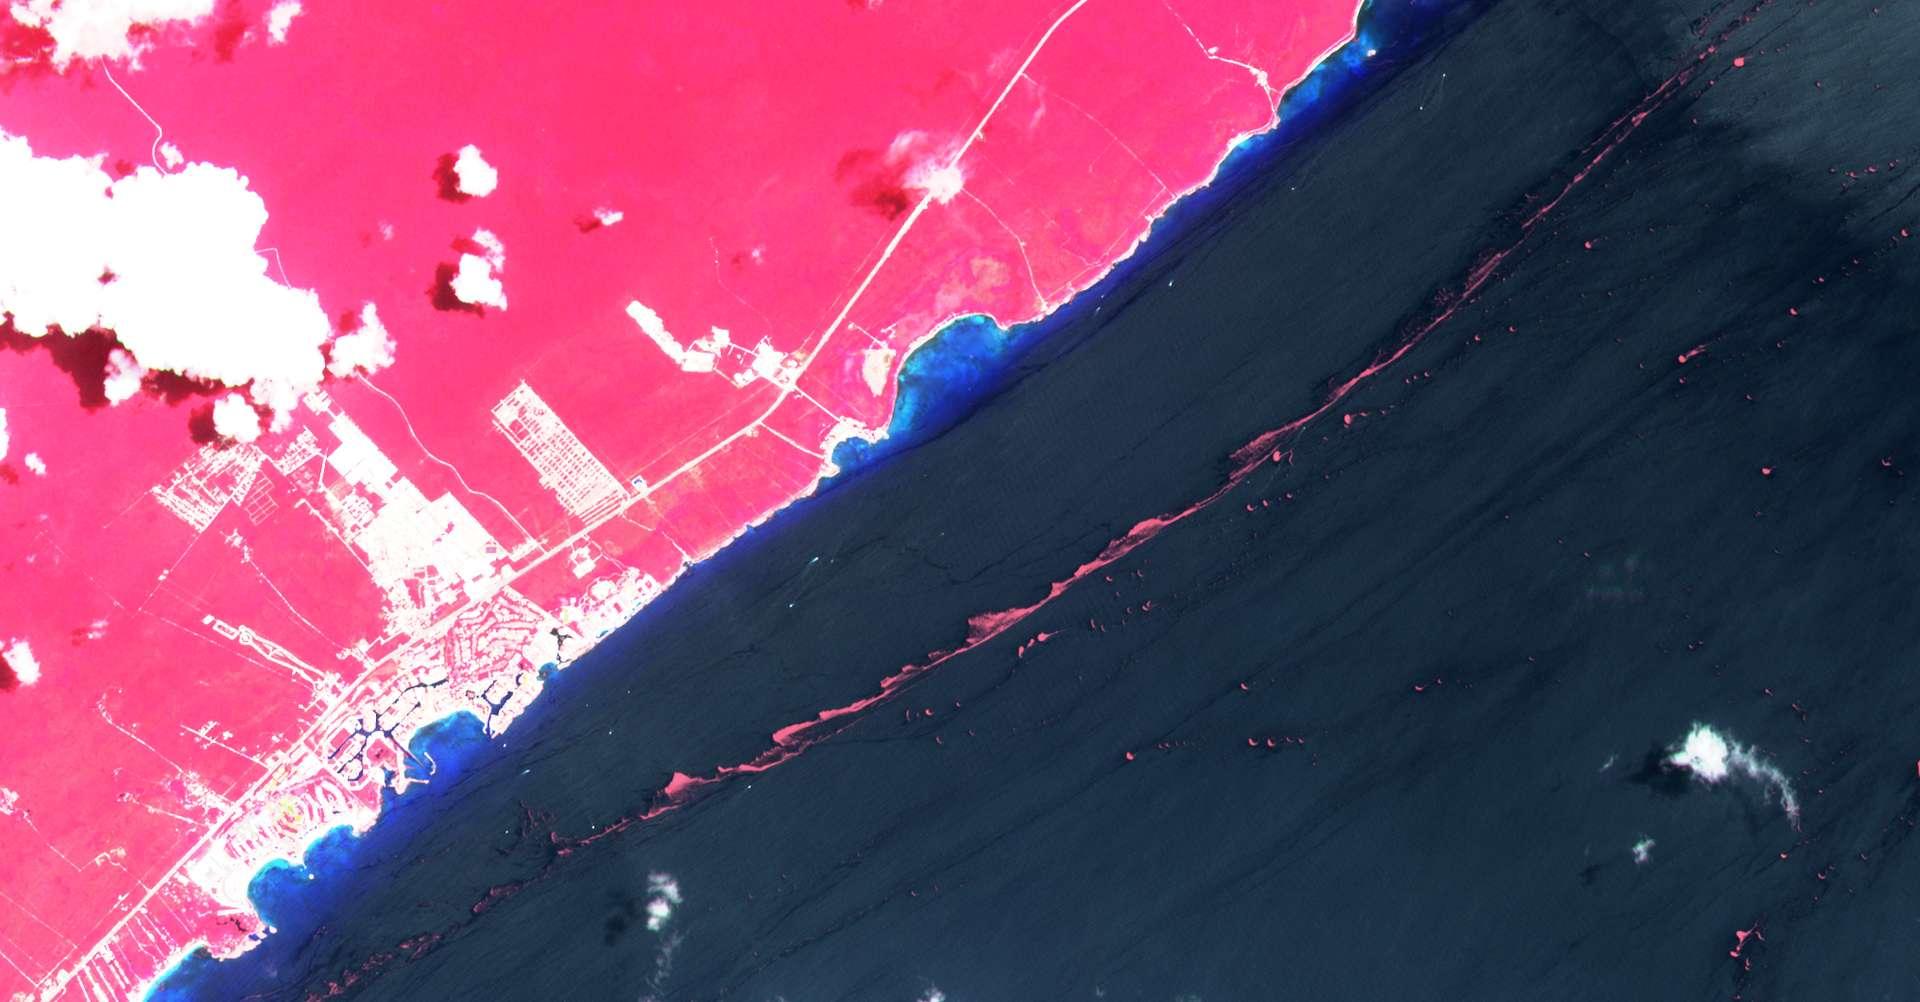 En rose, la ceinture de nappe de sargasses qui flottent au large de Cancùn au Mexique. © ESA